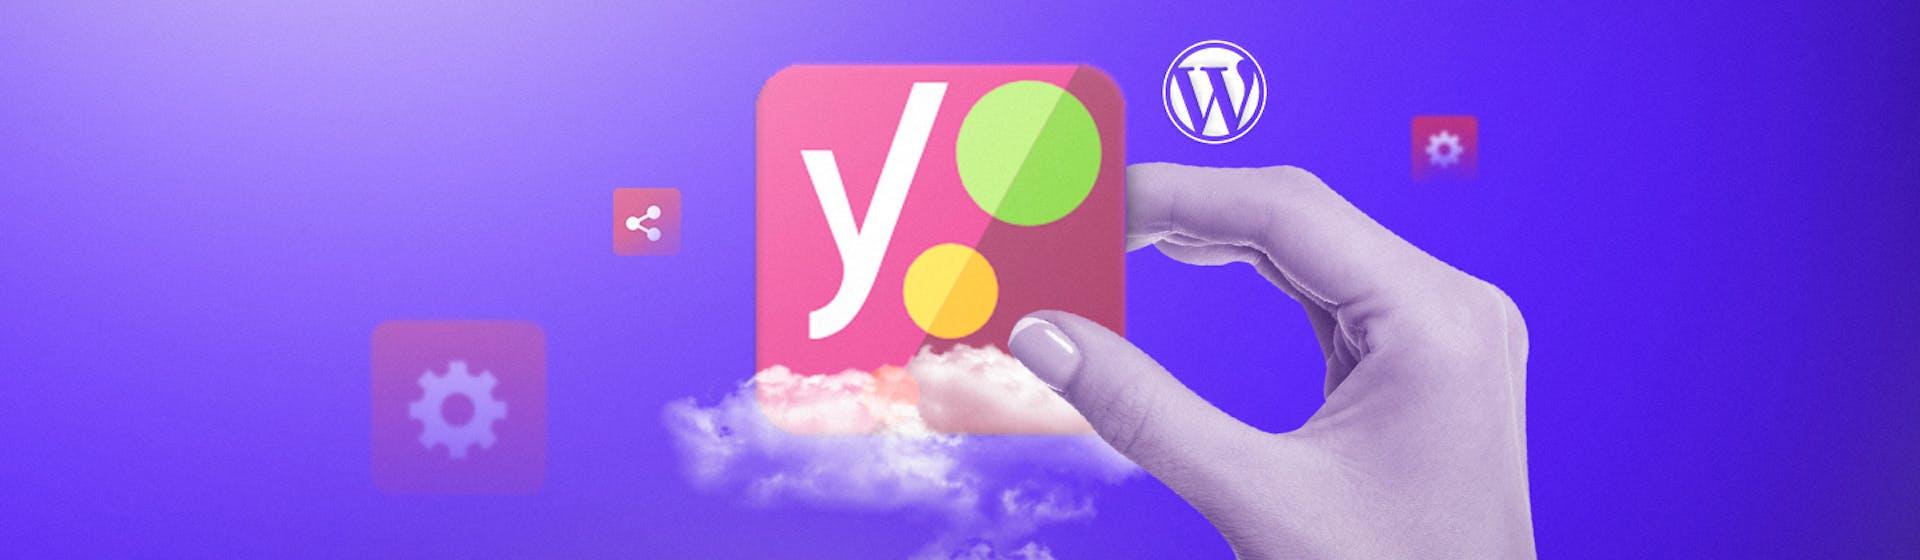 ¿Por qué hacer uso del Yoast SEO de Wordpress? Resultados orgánicos o de pago